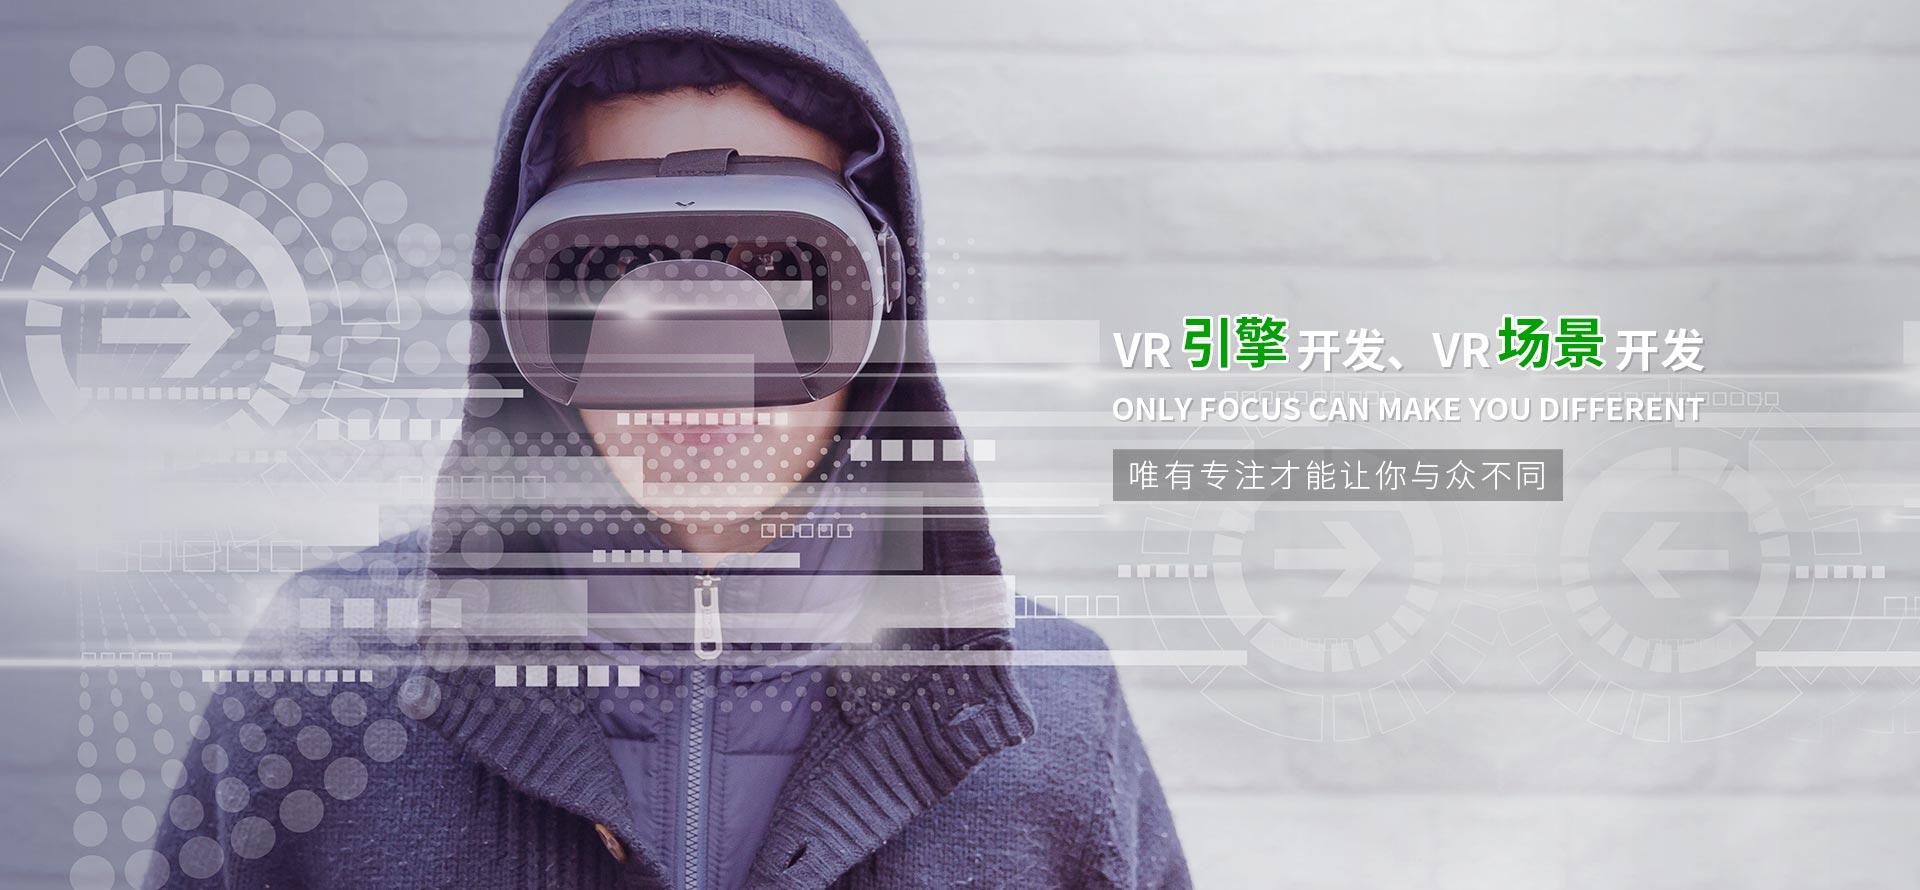 中南前沿教育科技(深圳)有限公司